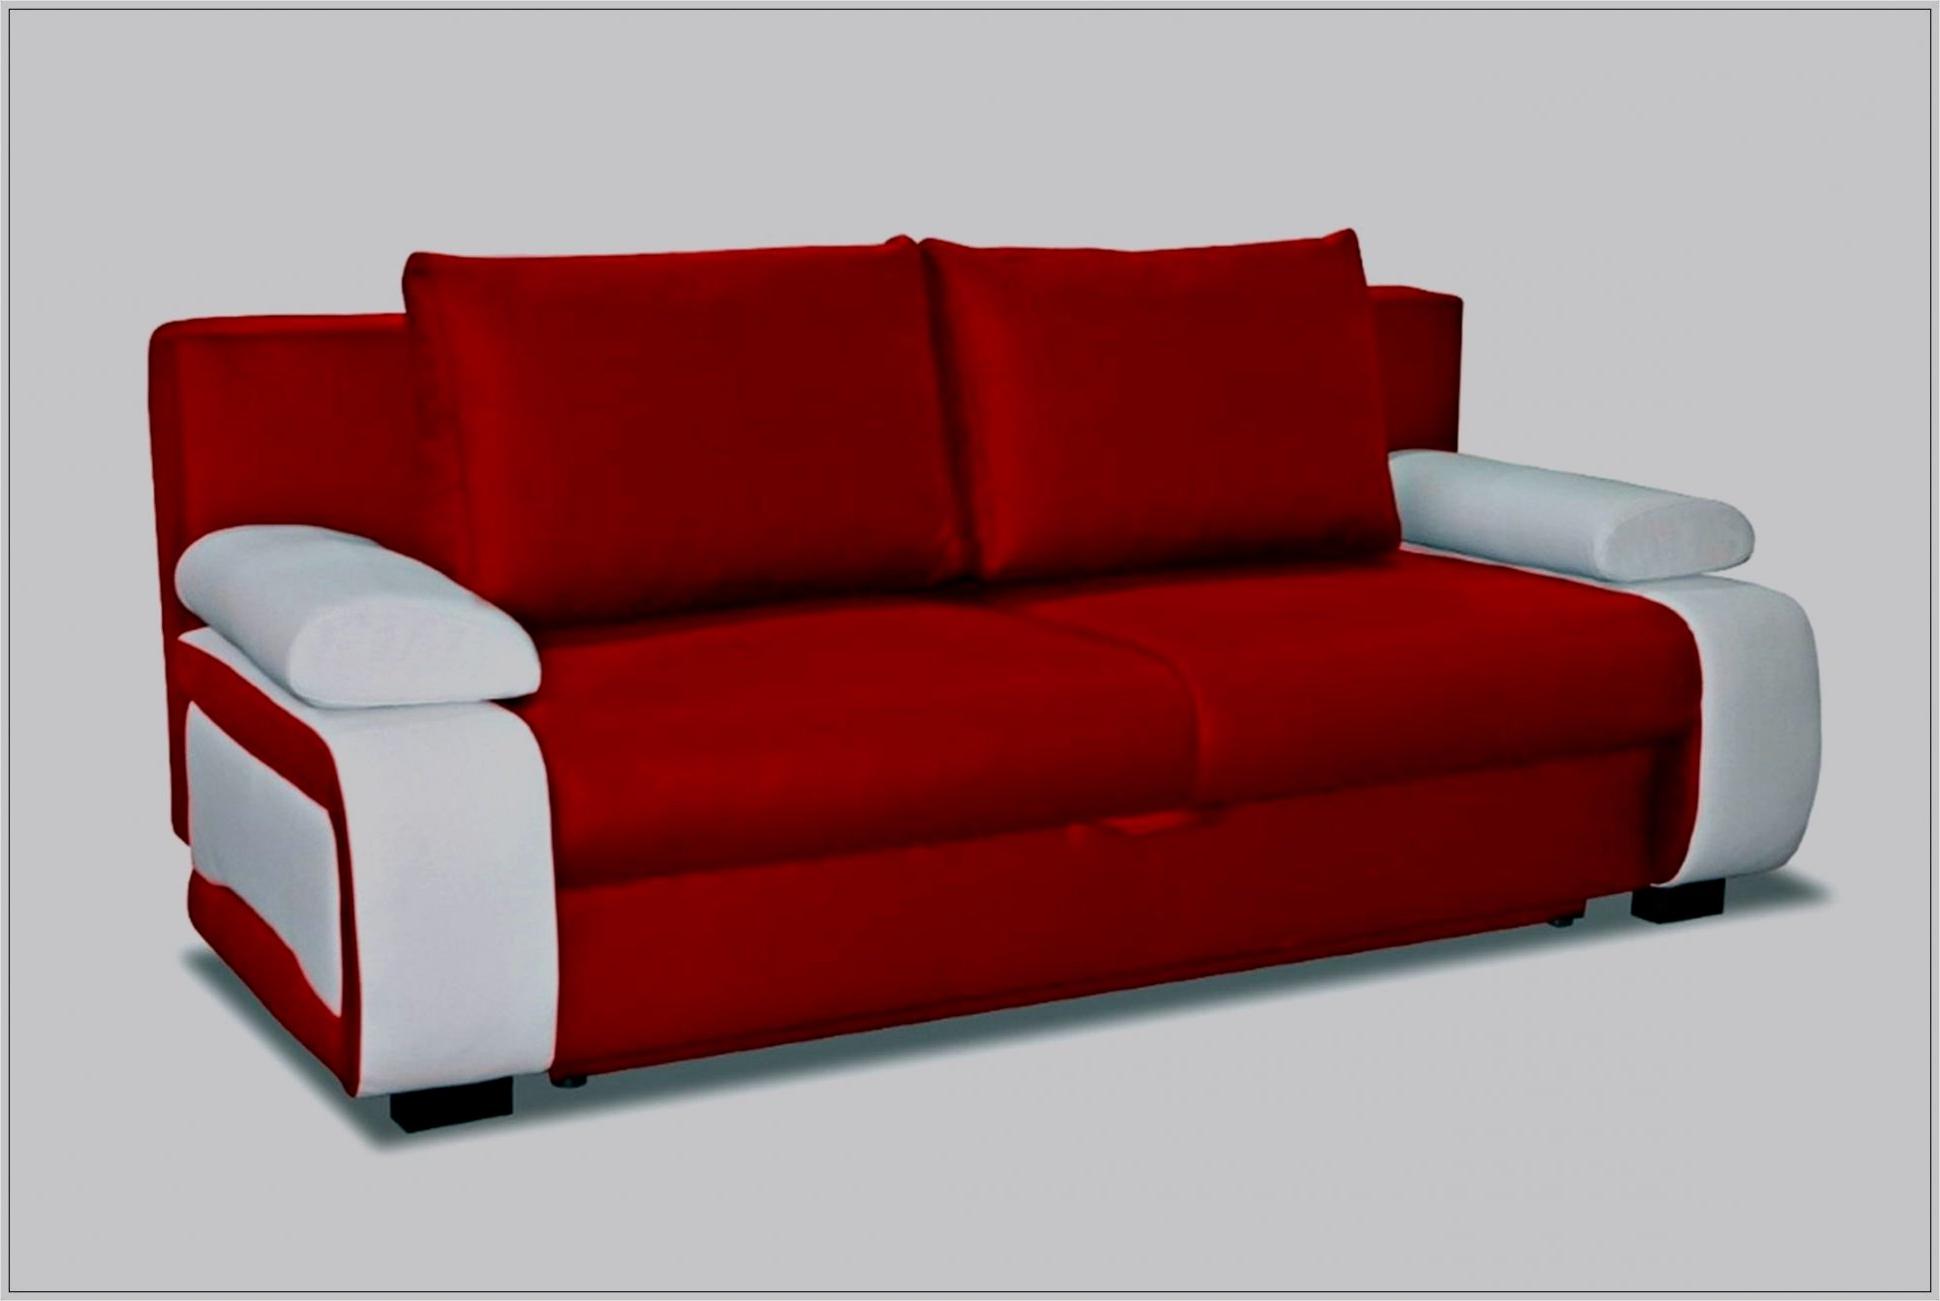 Sofa 2 Plazas Conforama Q0d4 sofa 2 Plazas Conforama Especial Sillon Masaje Conforama